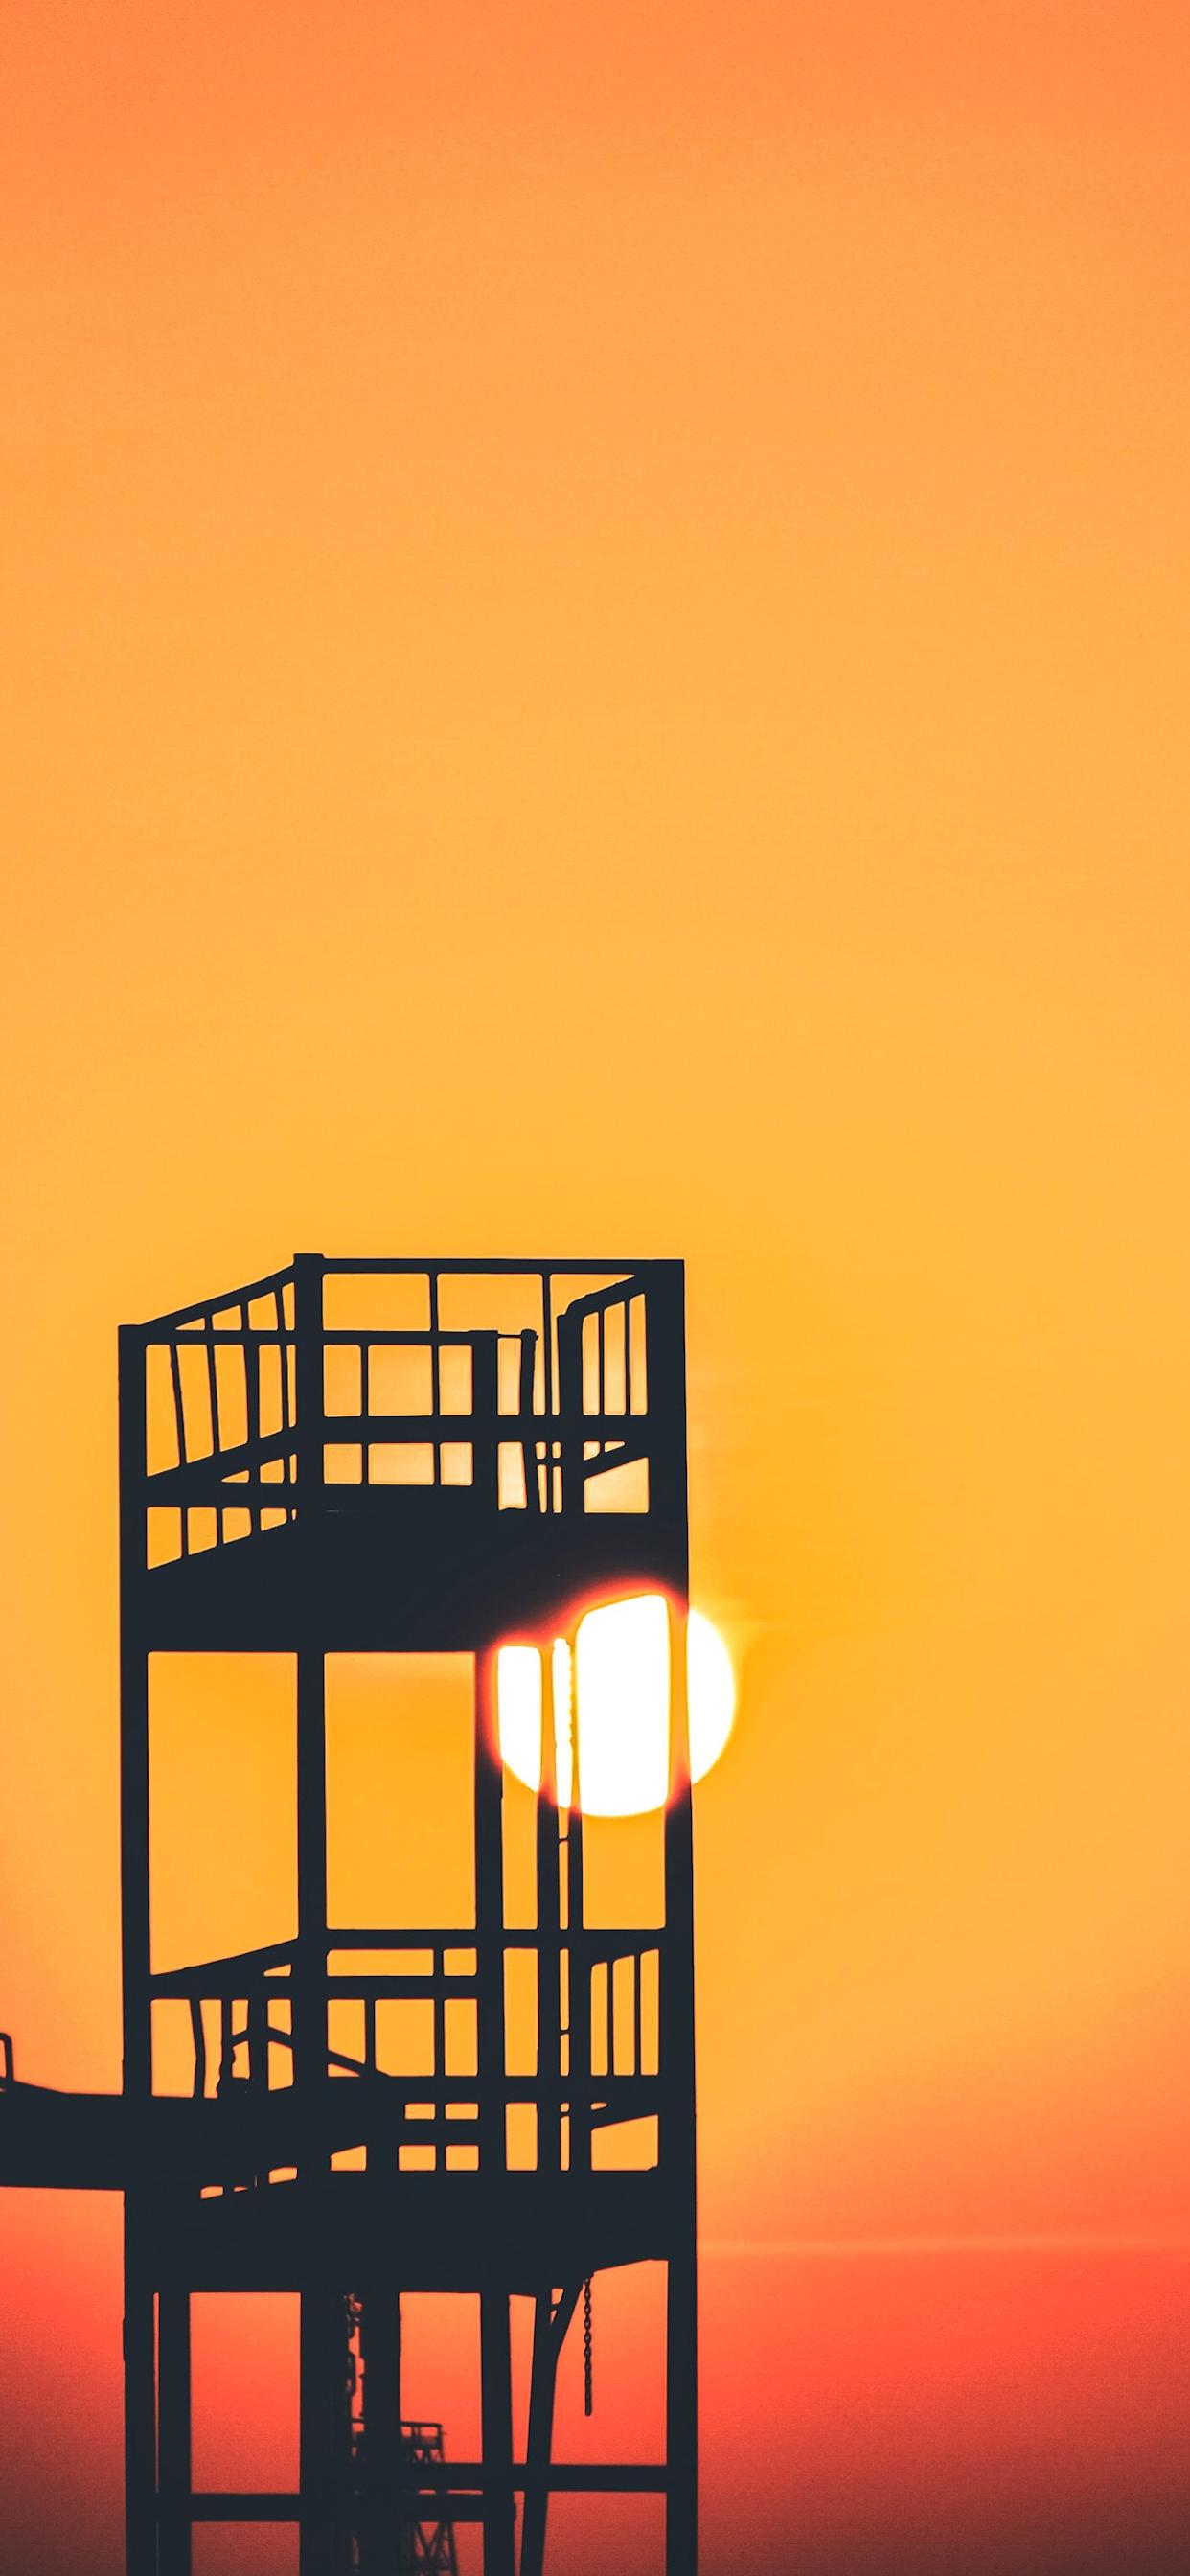 iPhone wallpaper gradient color watch tower Fonds d'écran iPhone du 15/01/2020